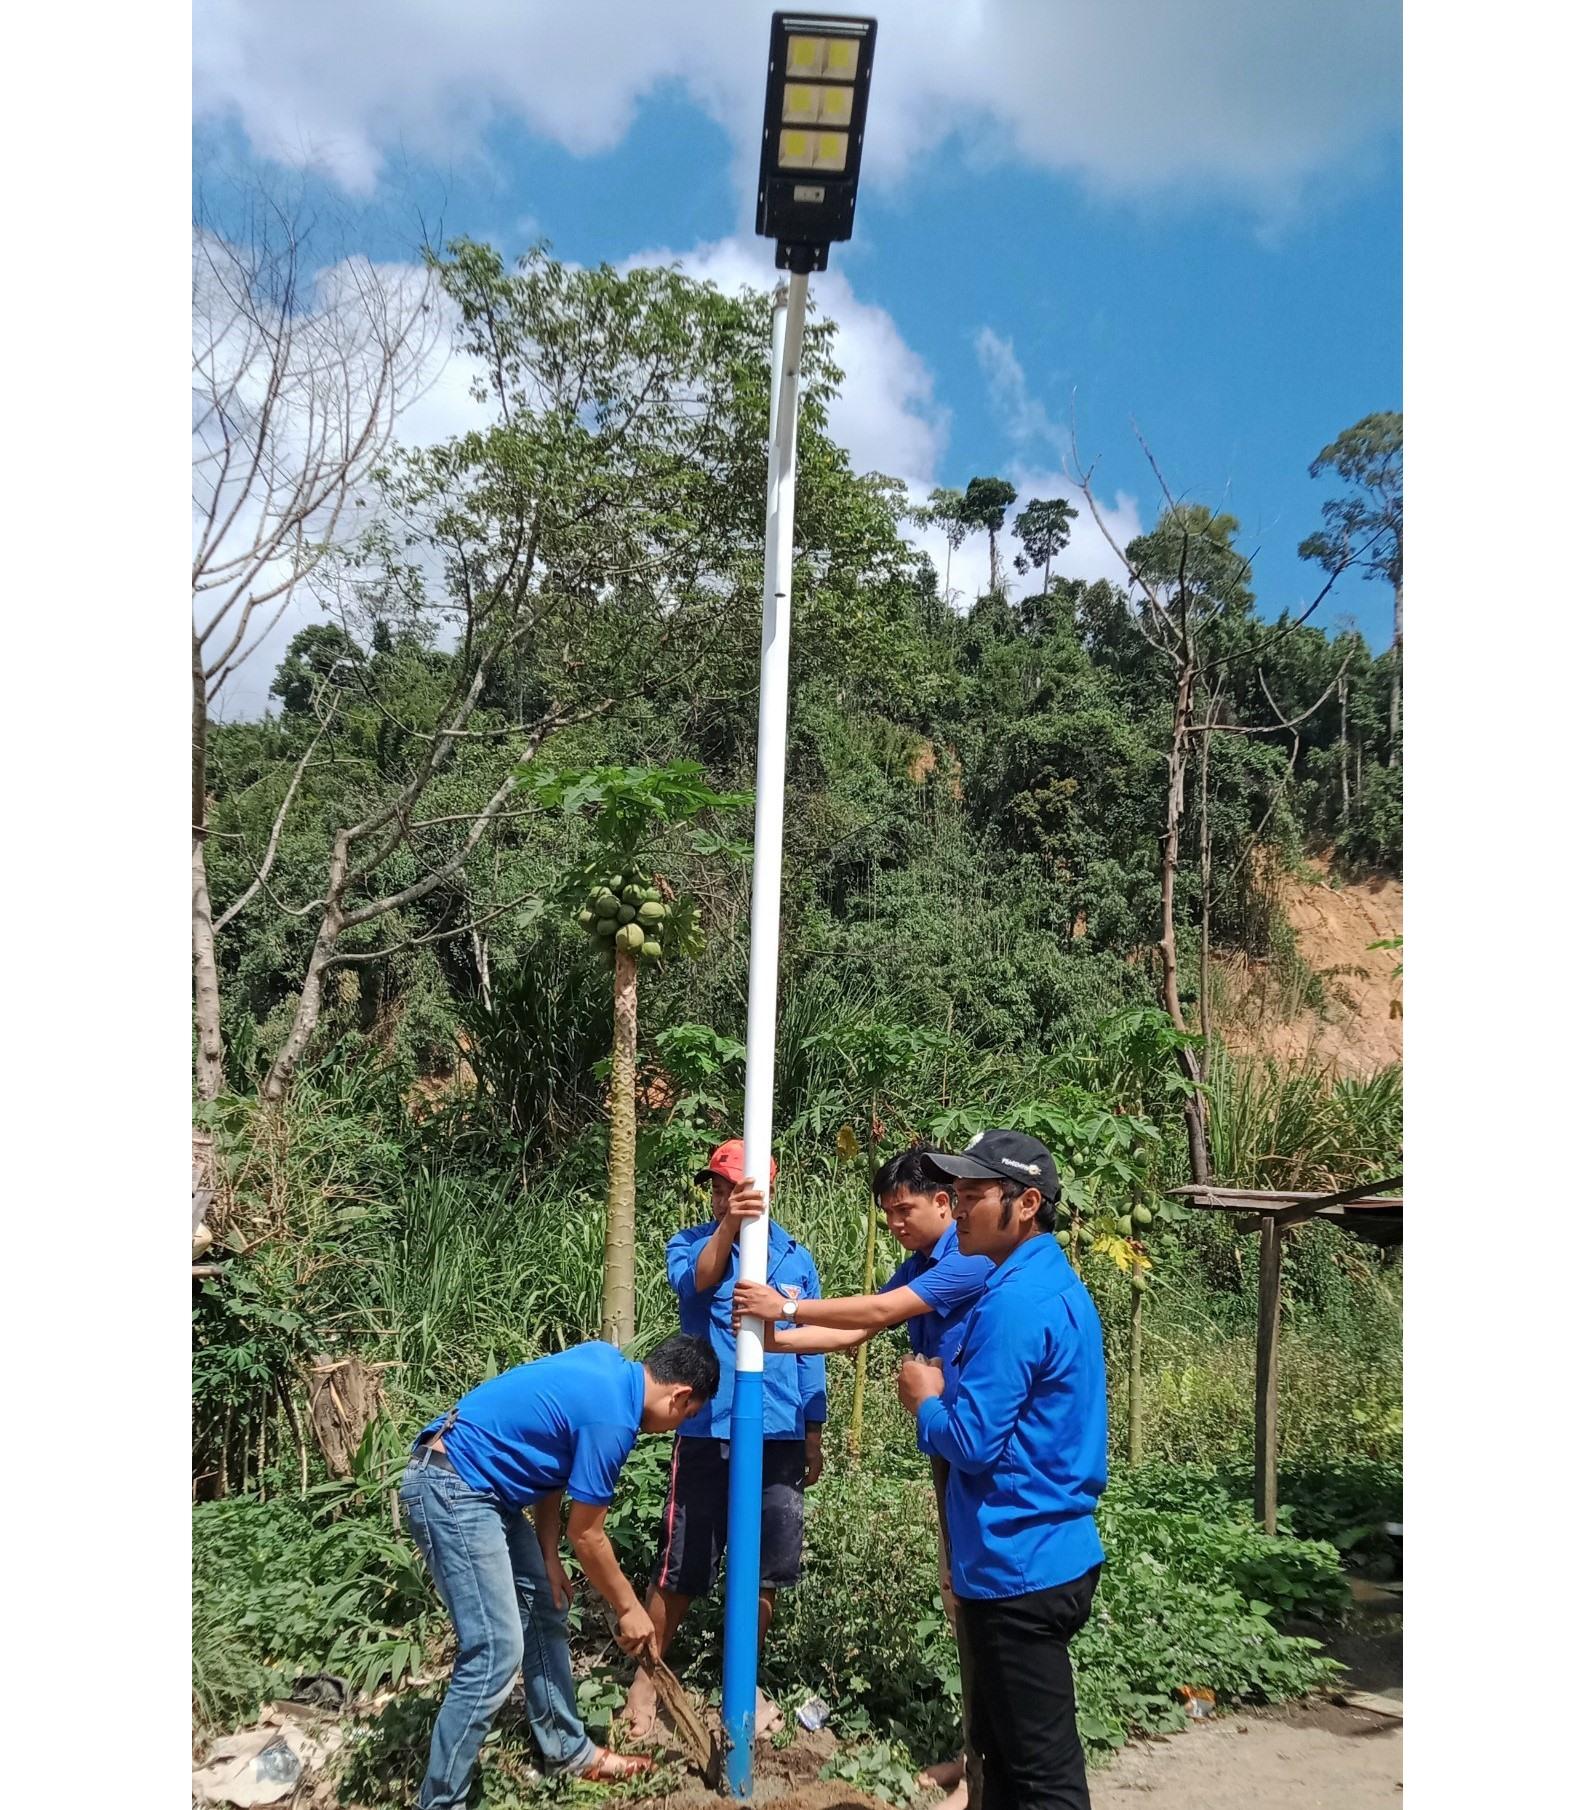 Các trụ đèn chiếu sáng bằng năng lượng mặt trời được dựng lên tại cụm dân cư Pêtapooc. Ảnh: THẾ ANH